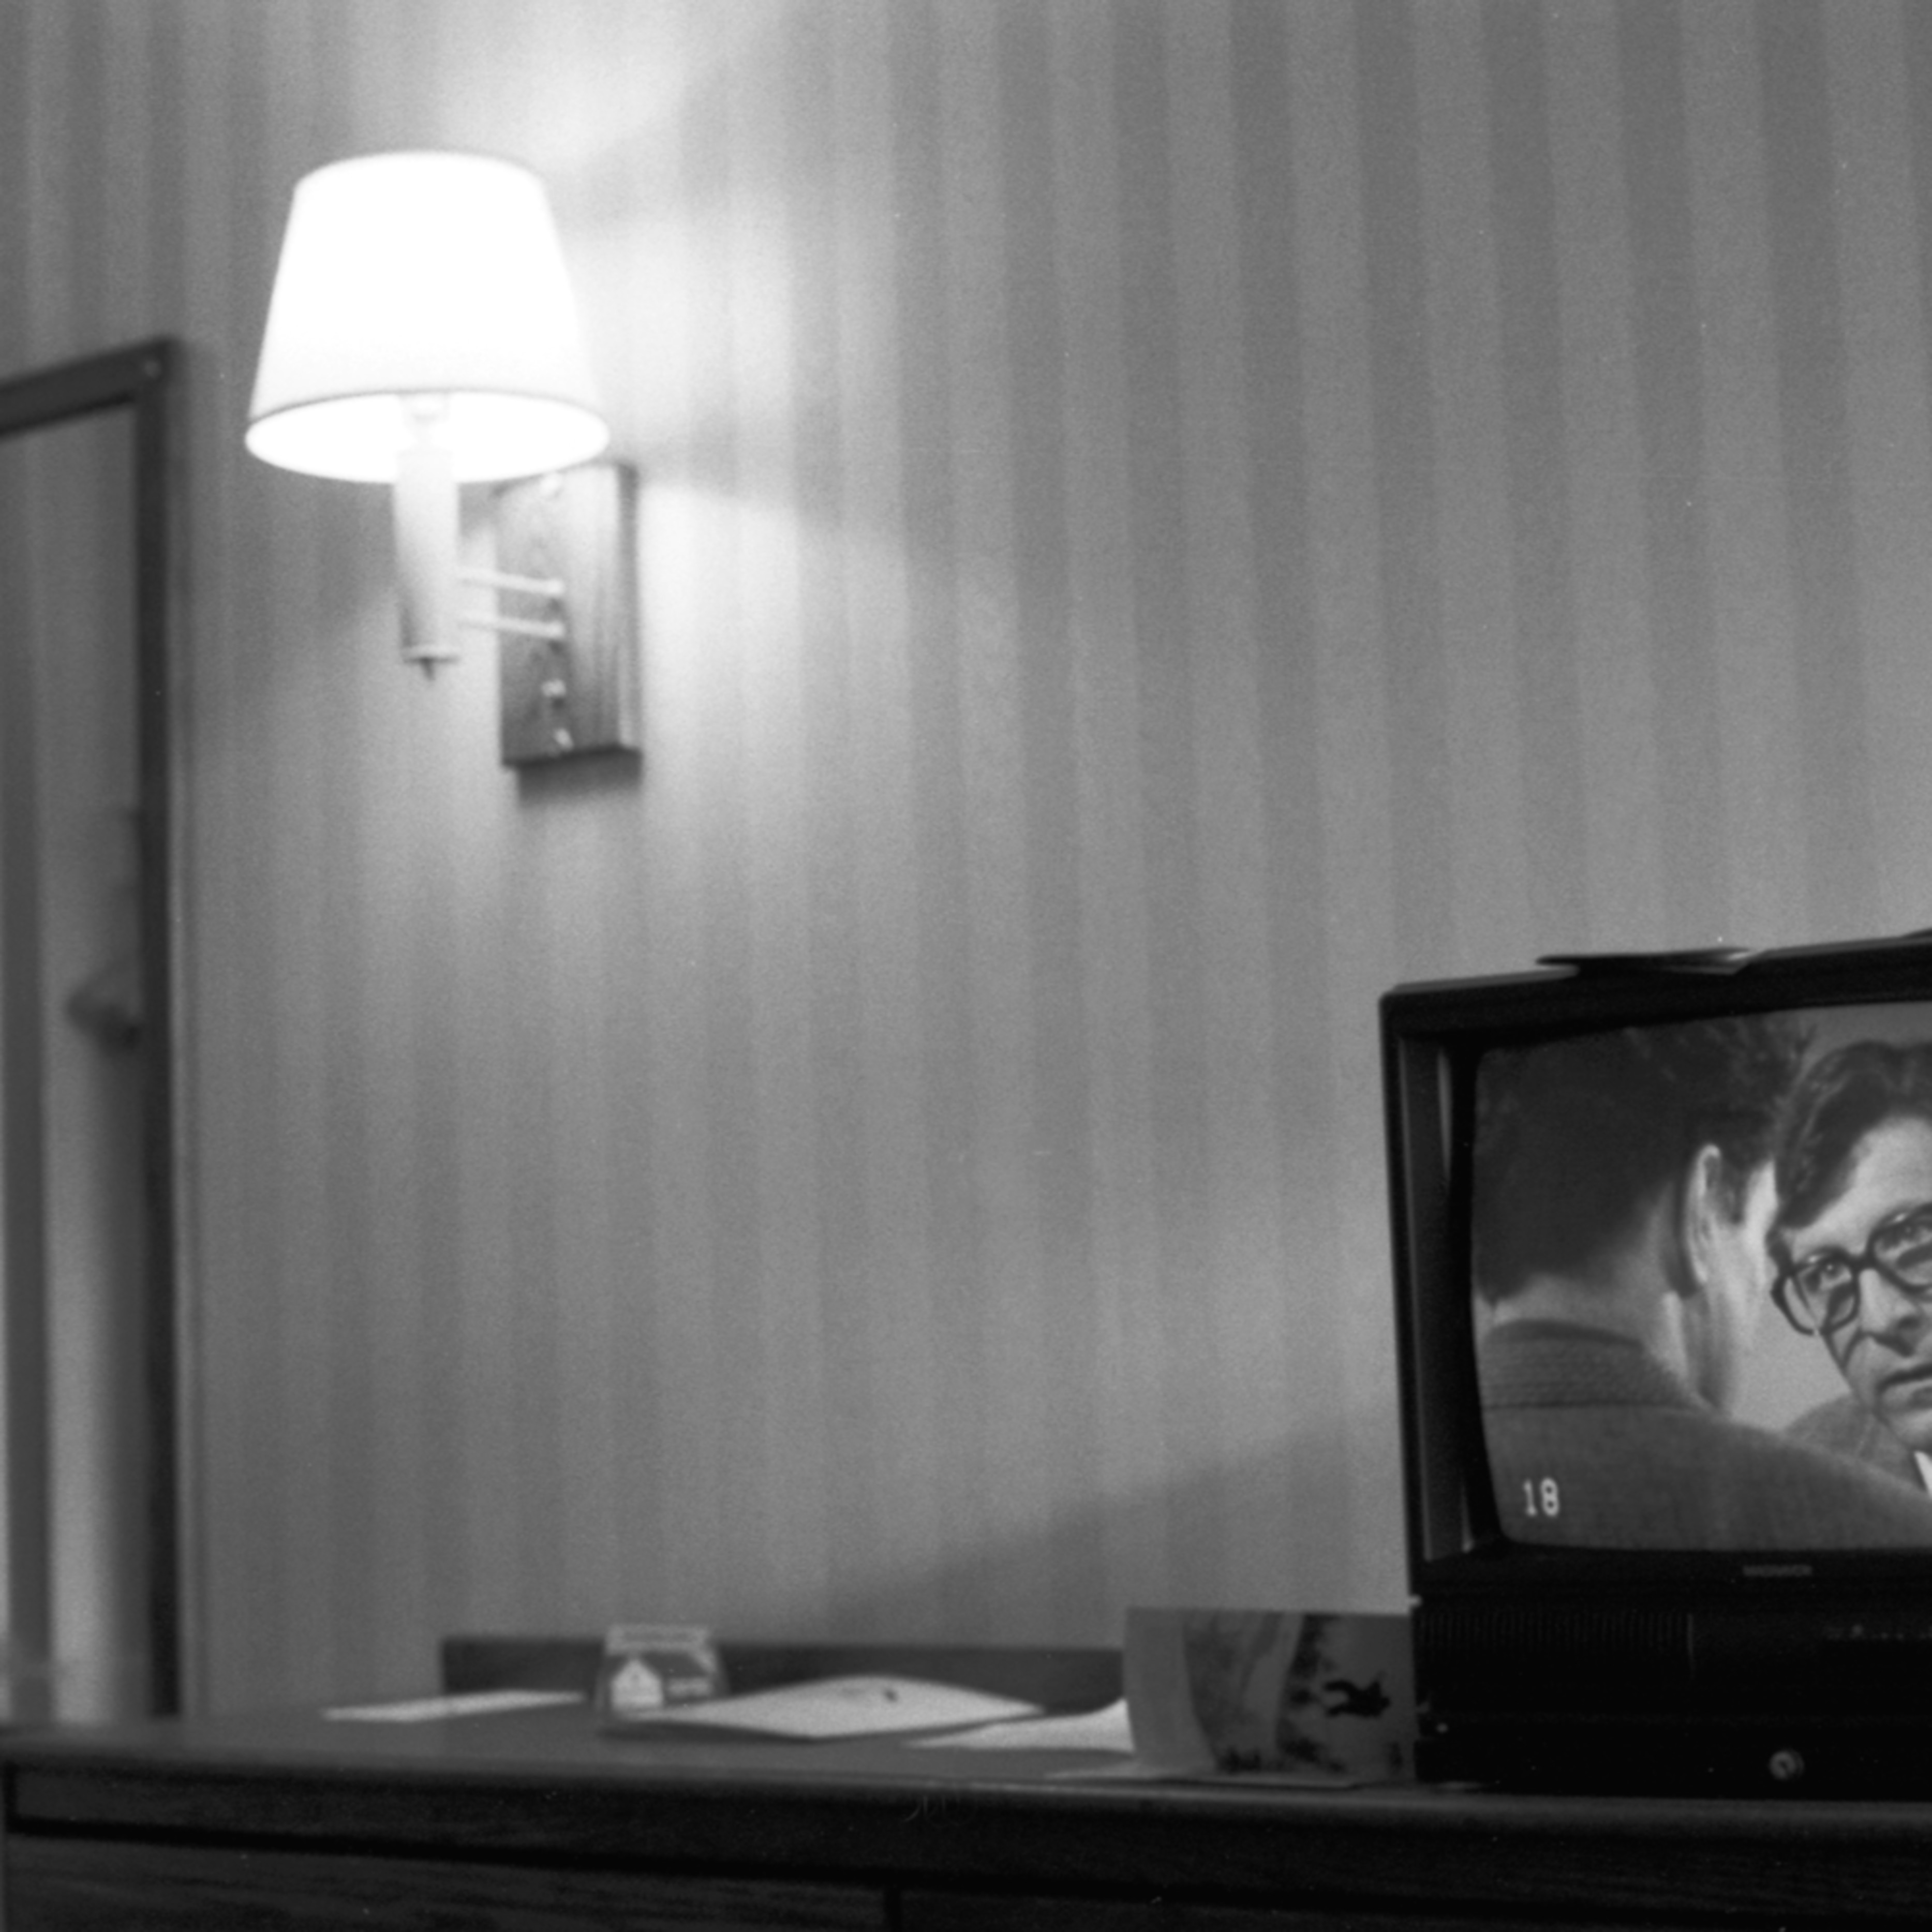 Cheap motel scan xmg865